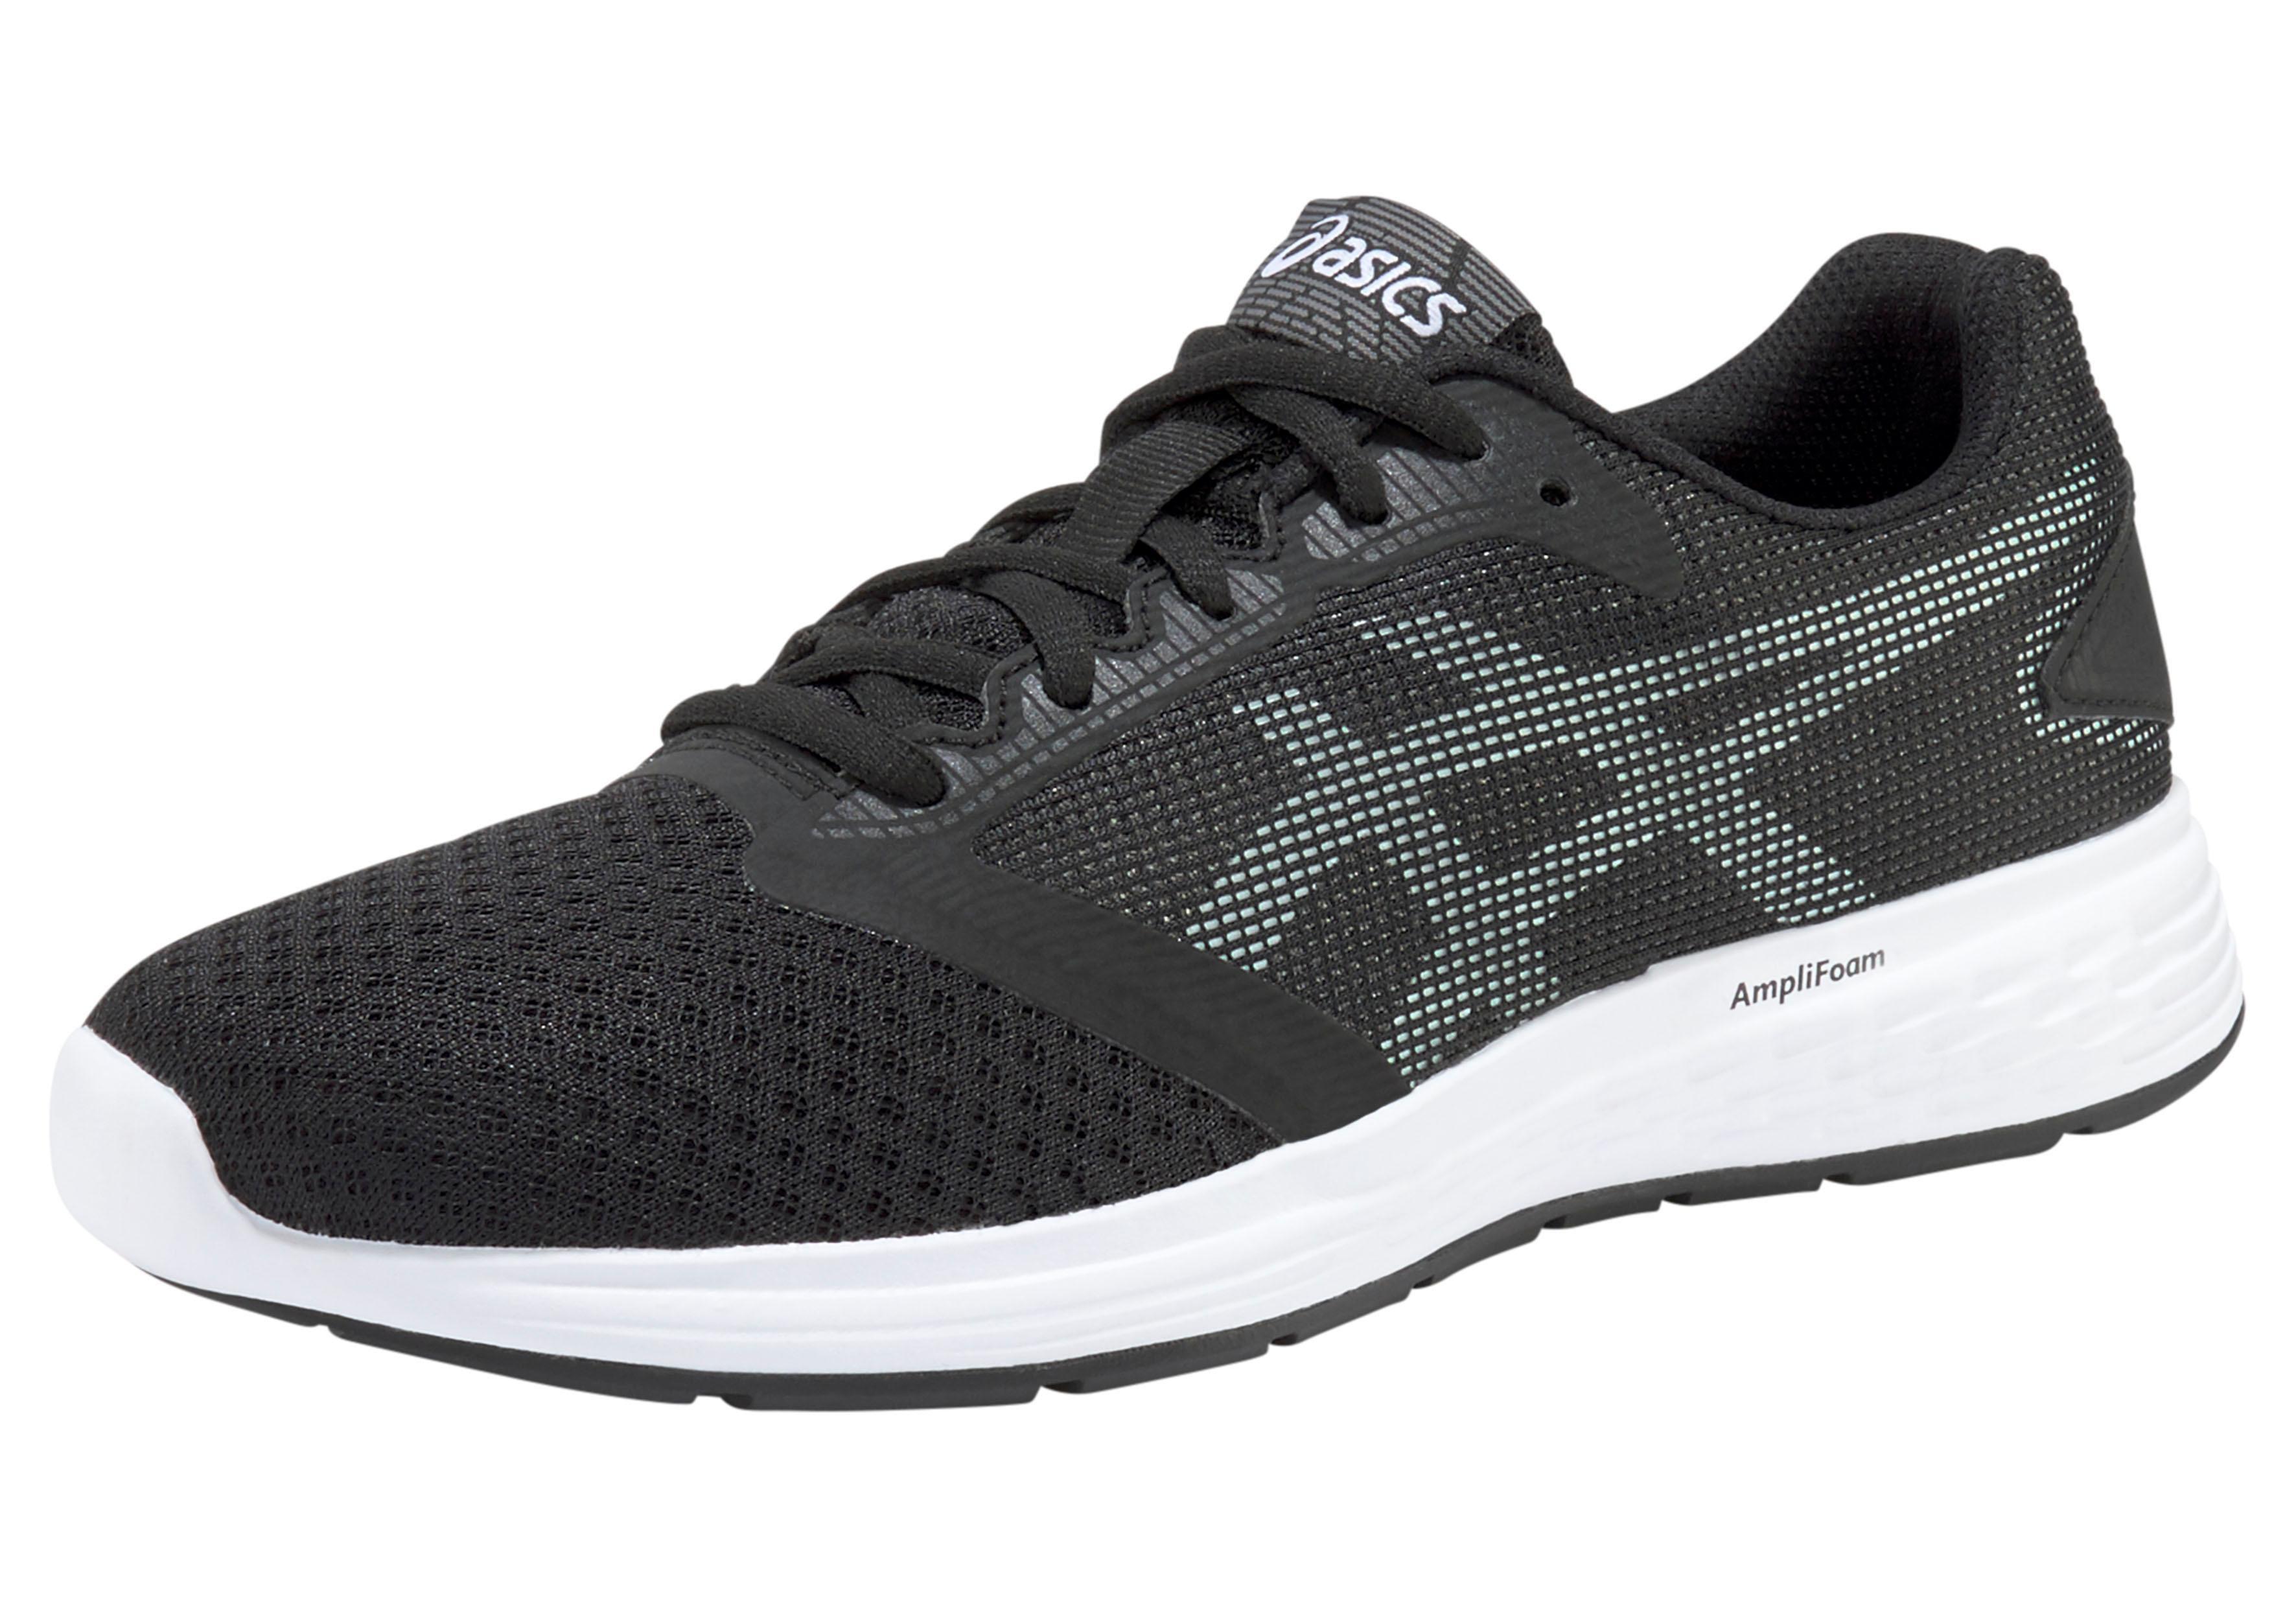 Asics Laufschuh PATRIOT 10 | Schuhe > Sportschuhe > Laufschuhe | ASICS